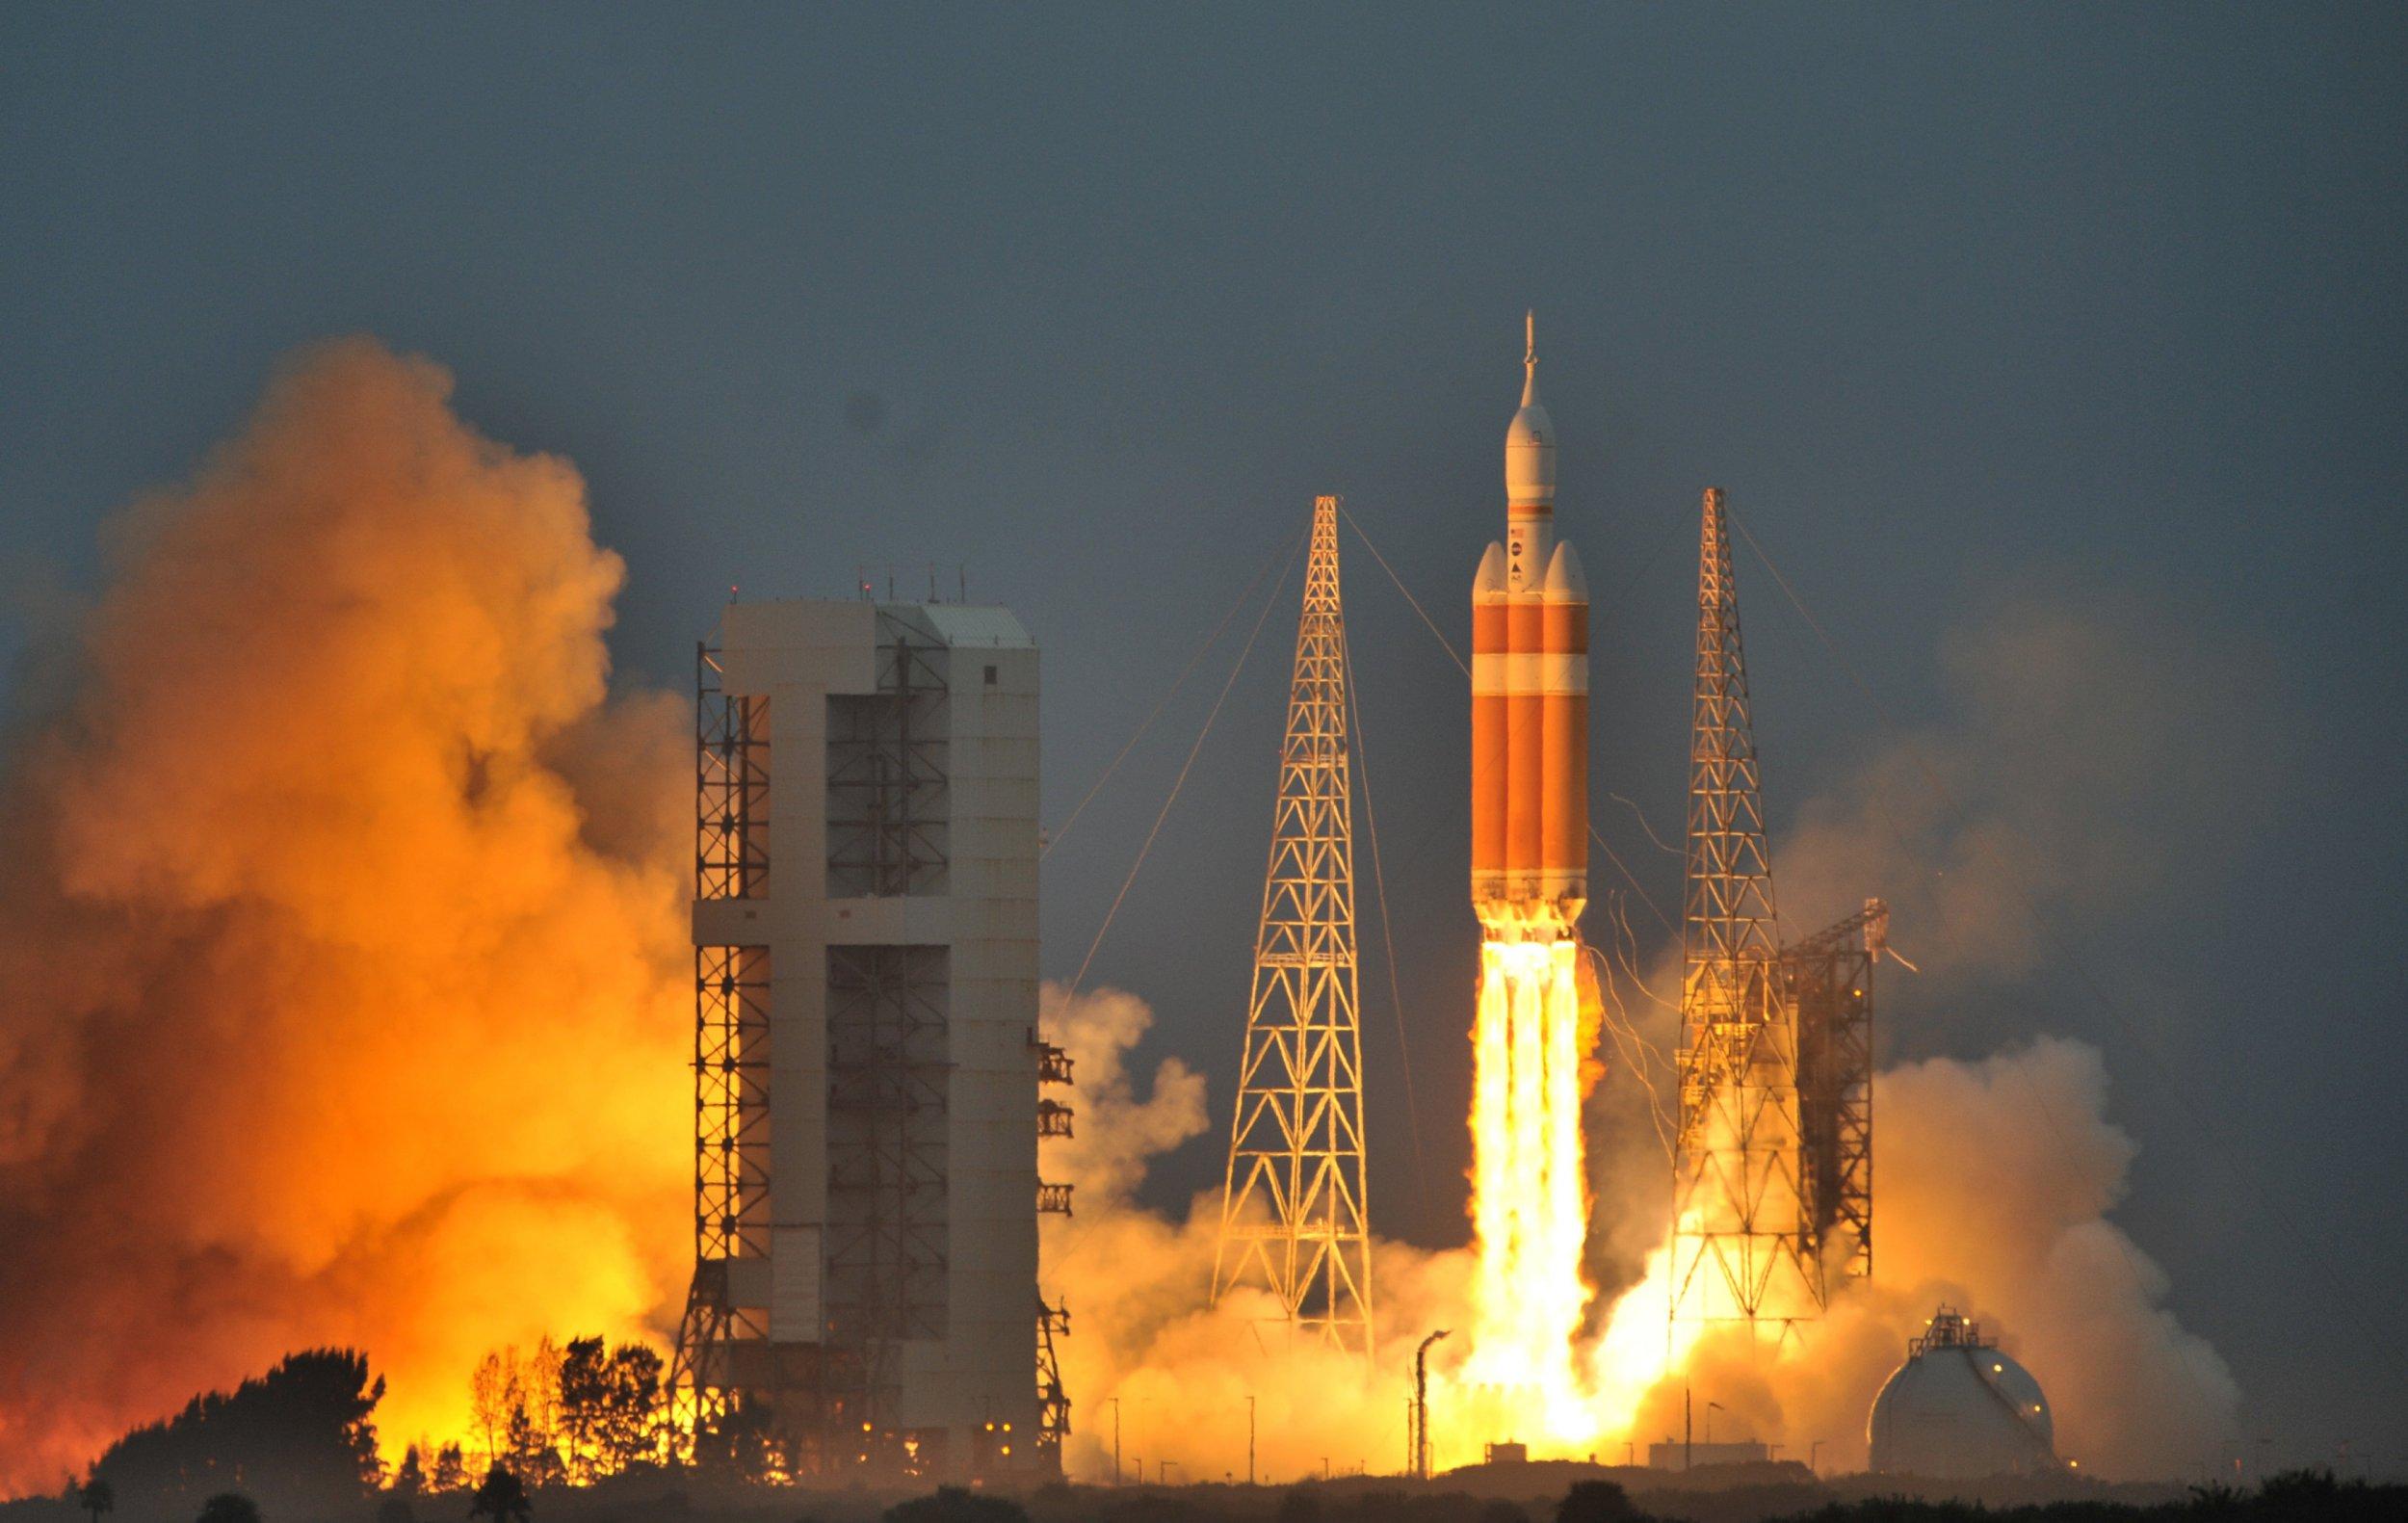 12-5-14 Orion Reuters 3